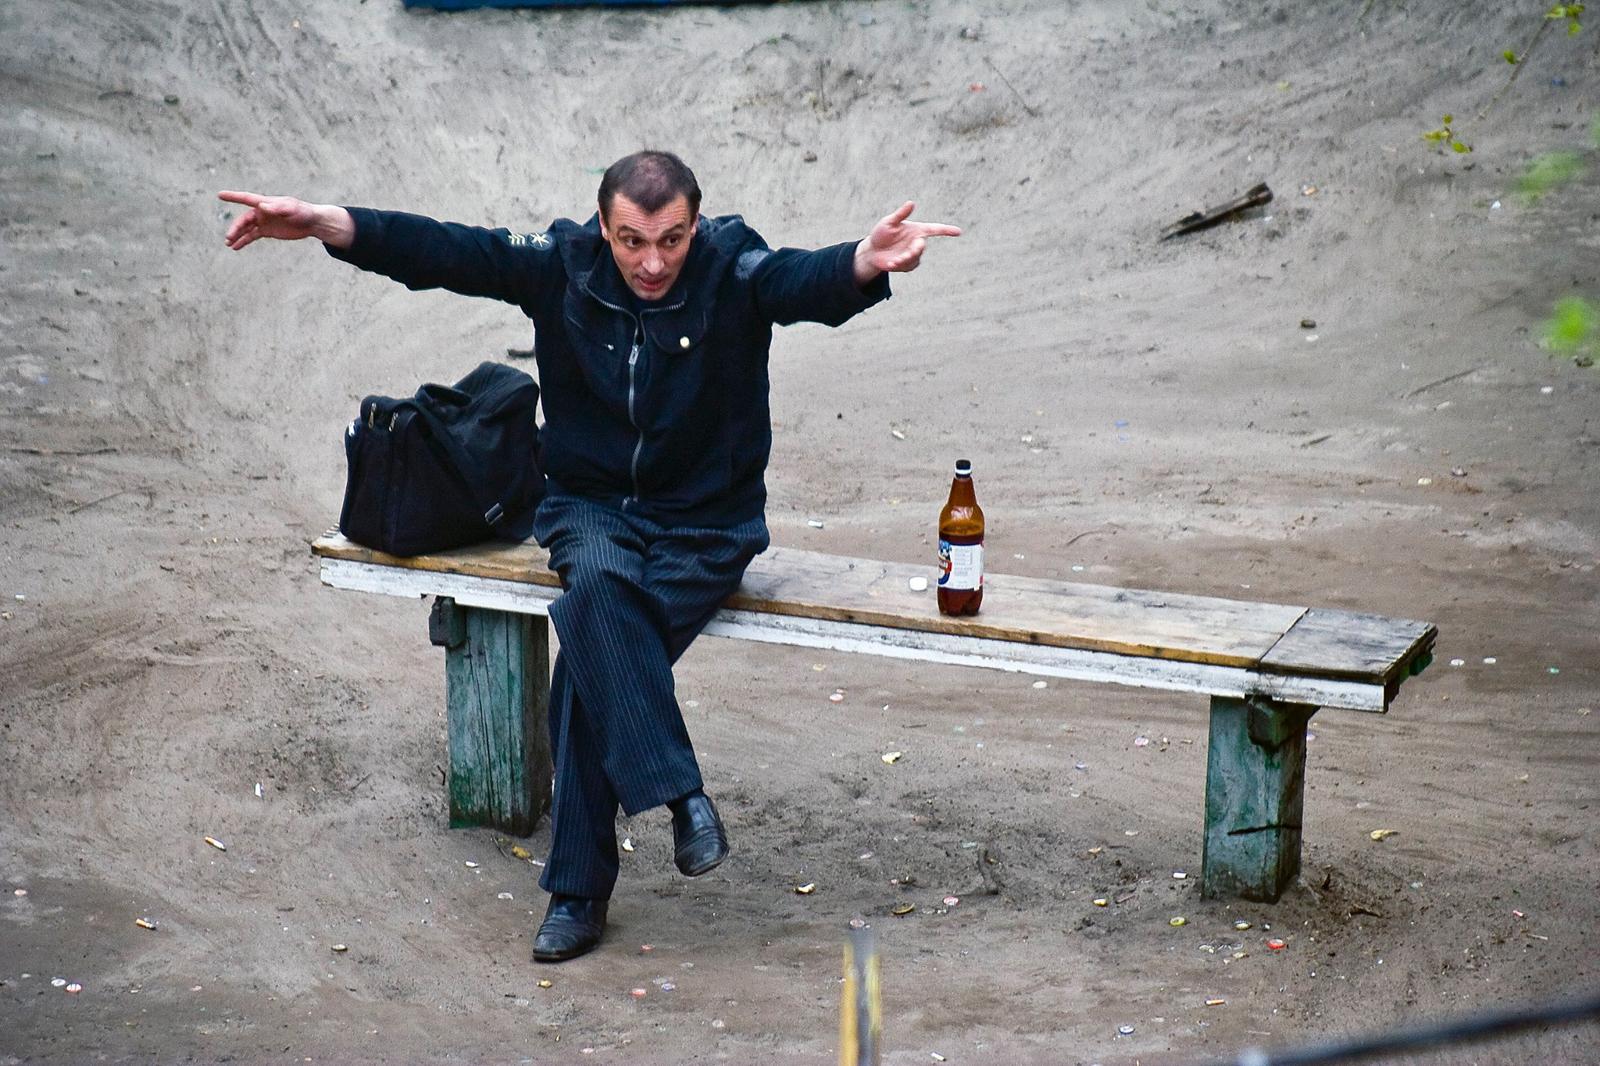 Київський фотограф десять років знімав життя лавочки. Фоторепортаж